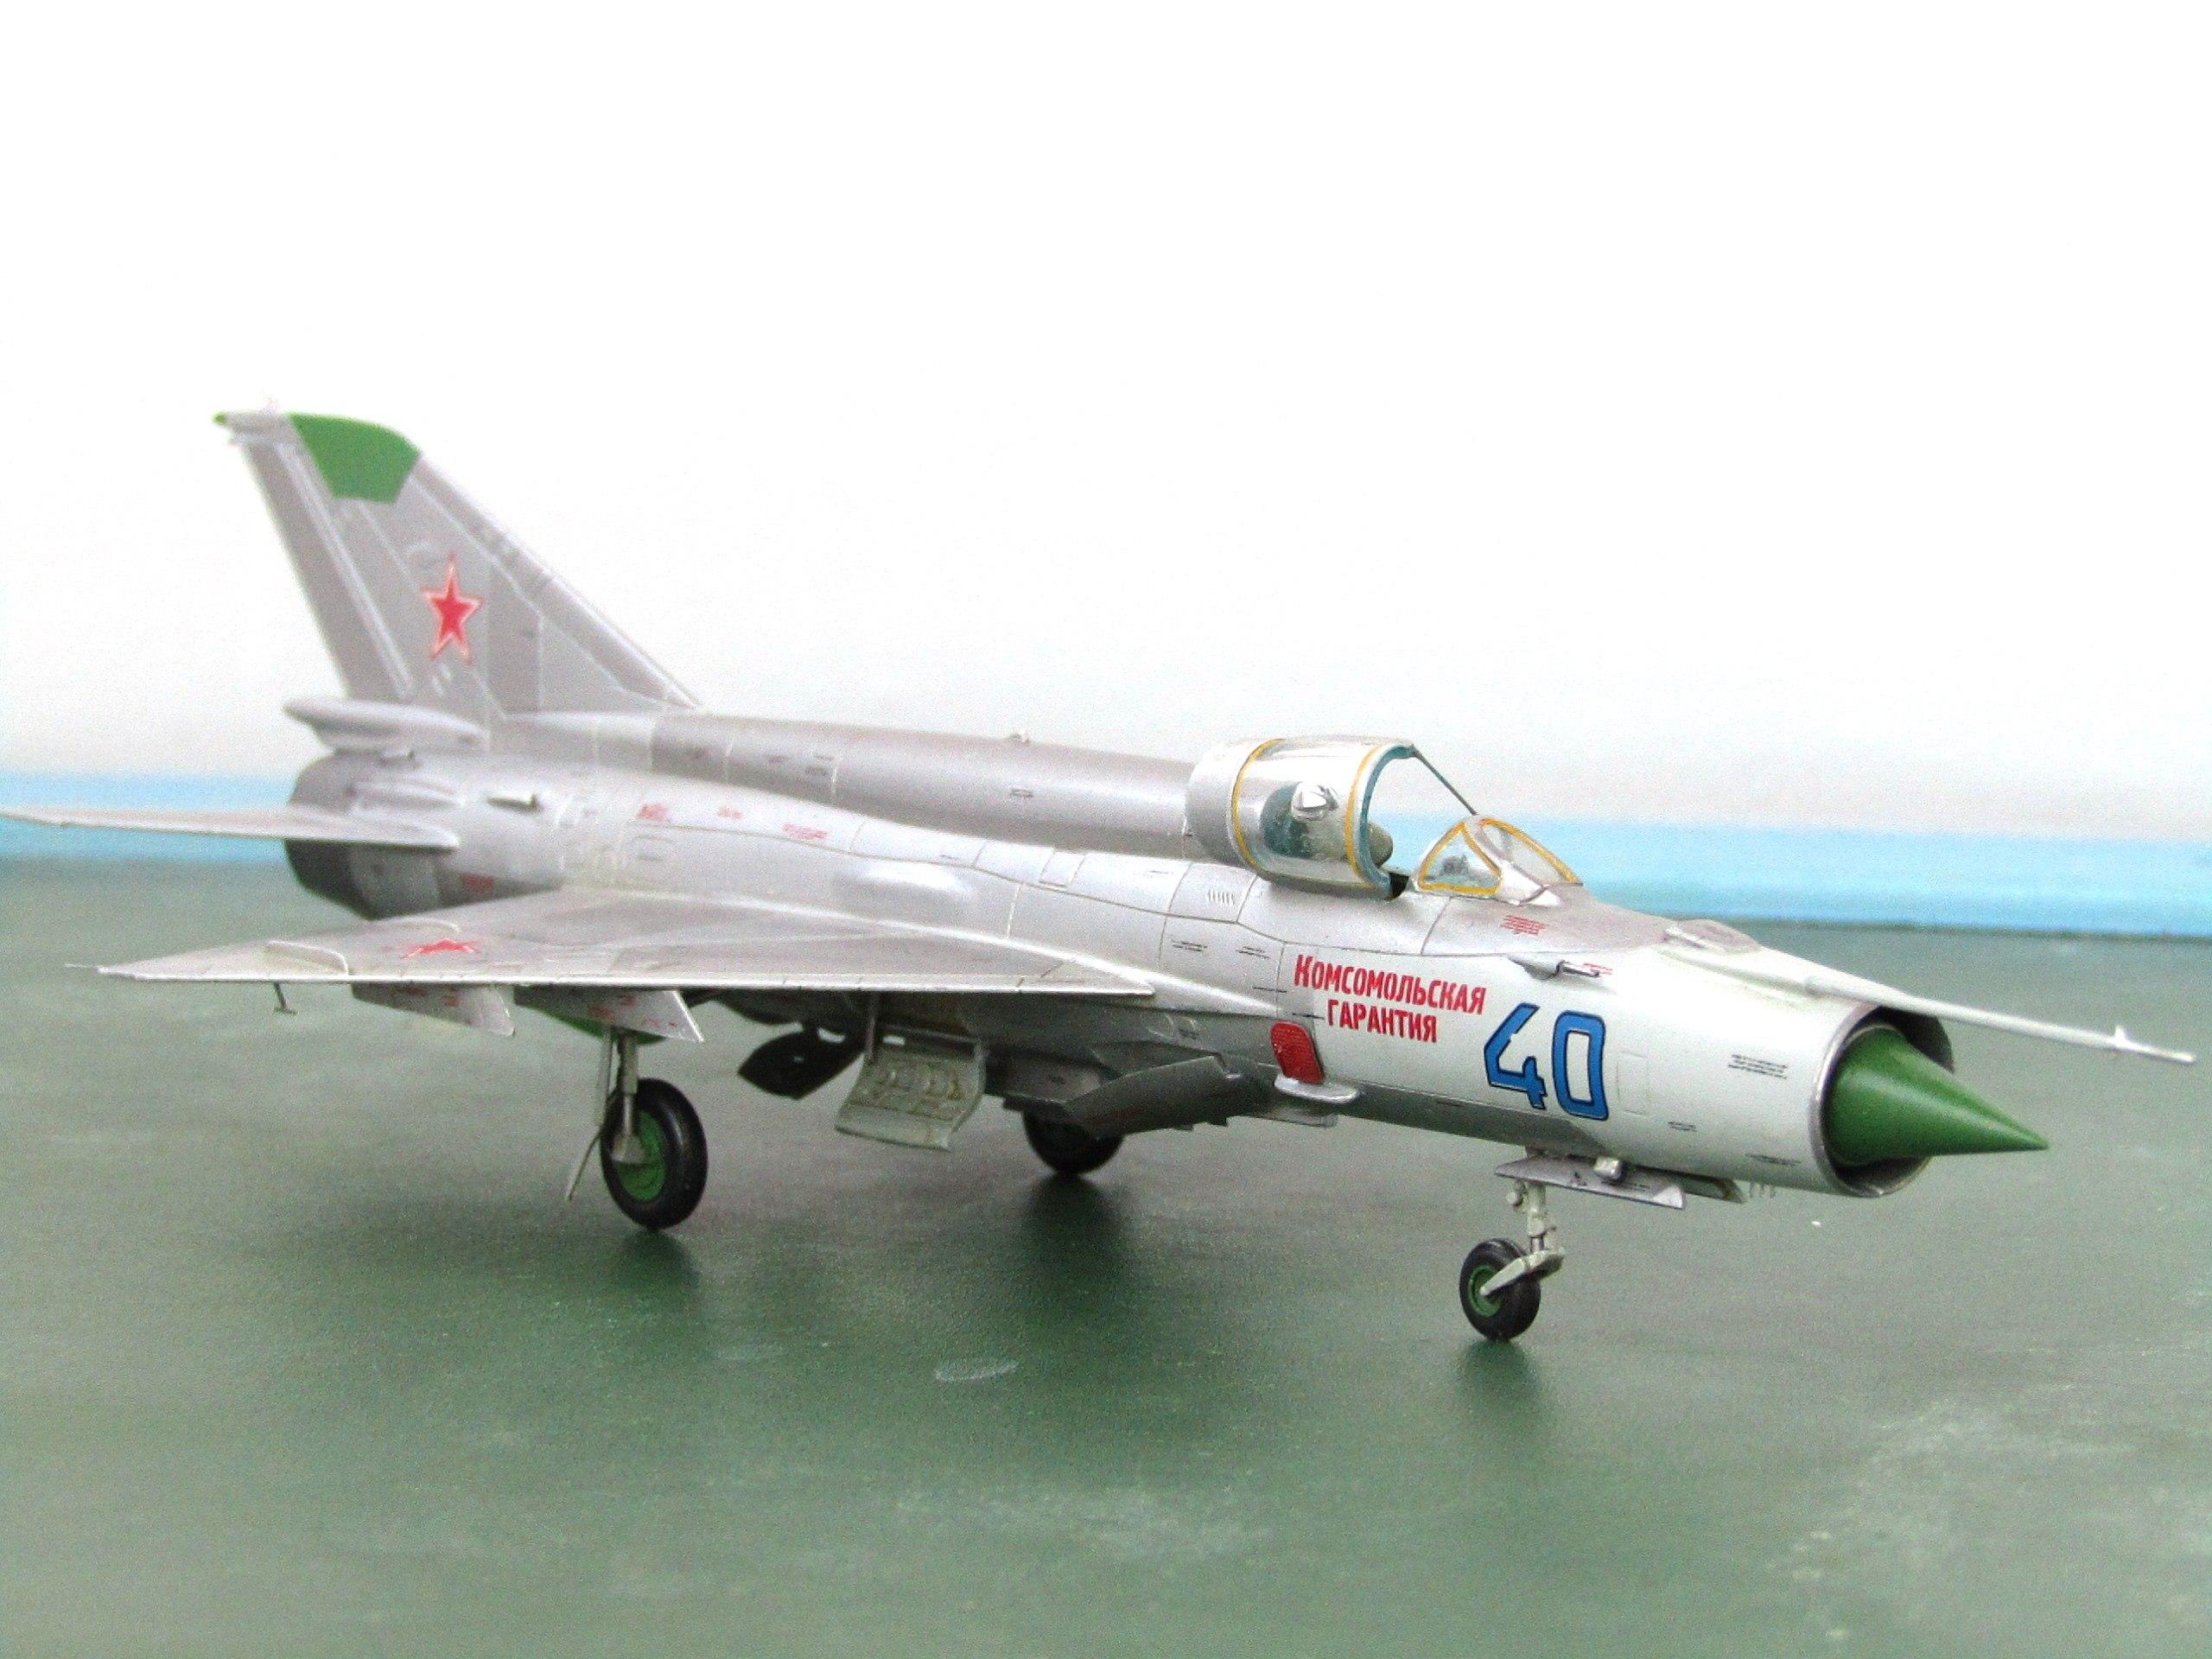 МиГ-21БИС 1/72 (Звезда) SH4rxbwazG0